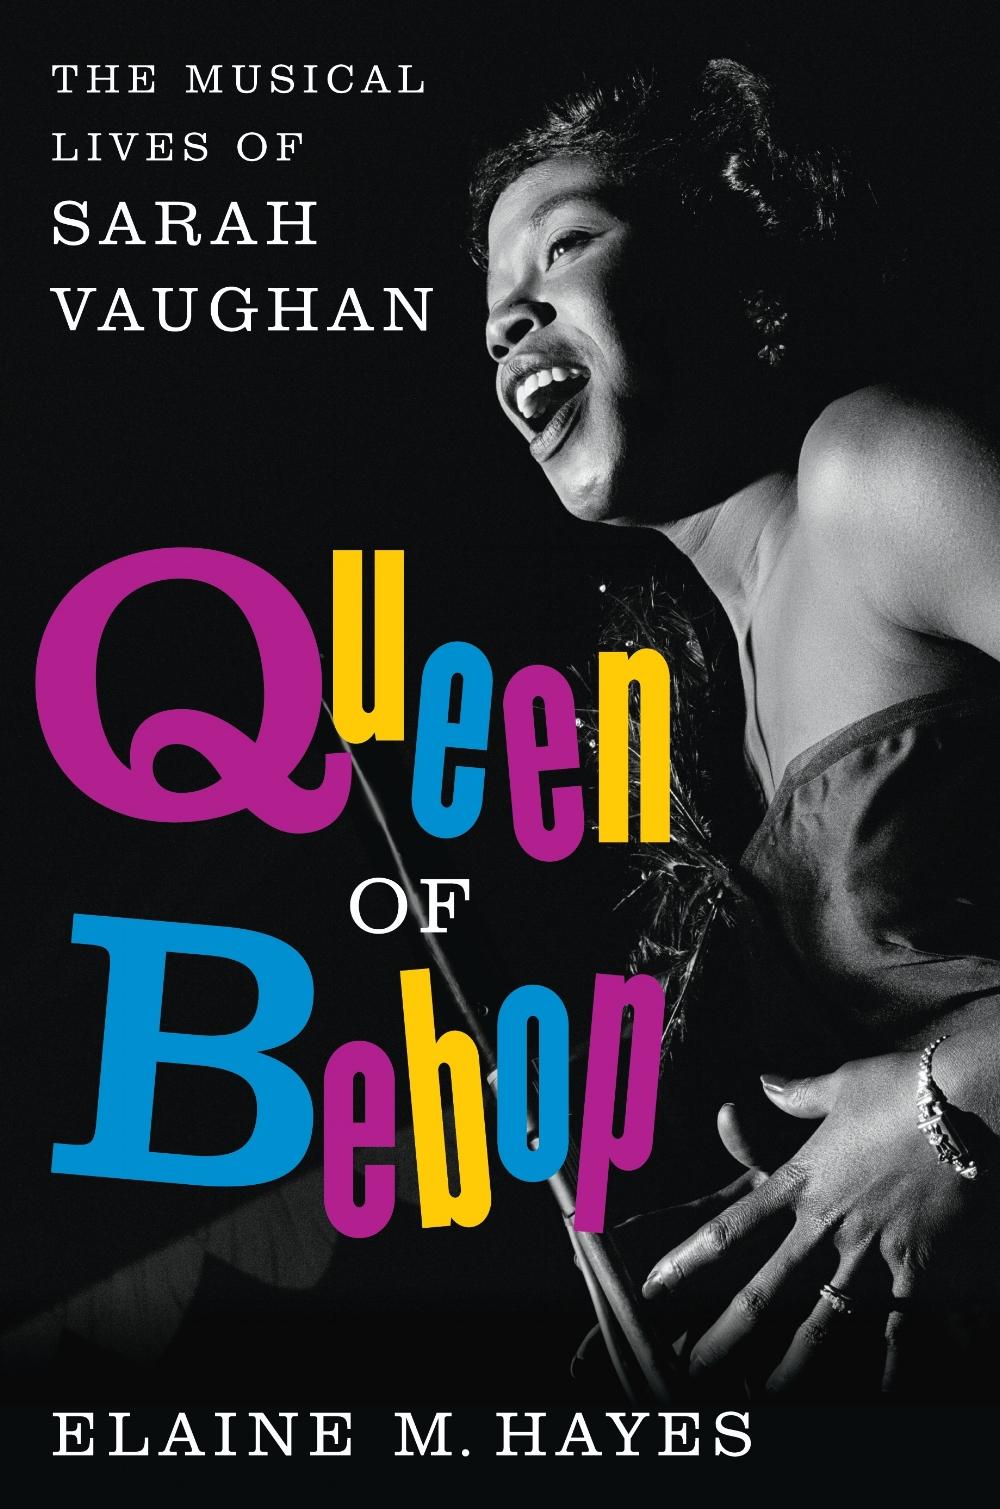 QueenBebop hc cover.JPG